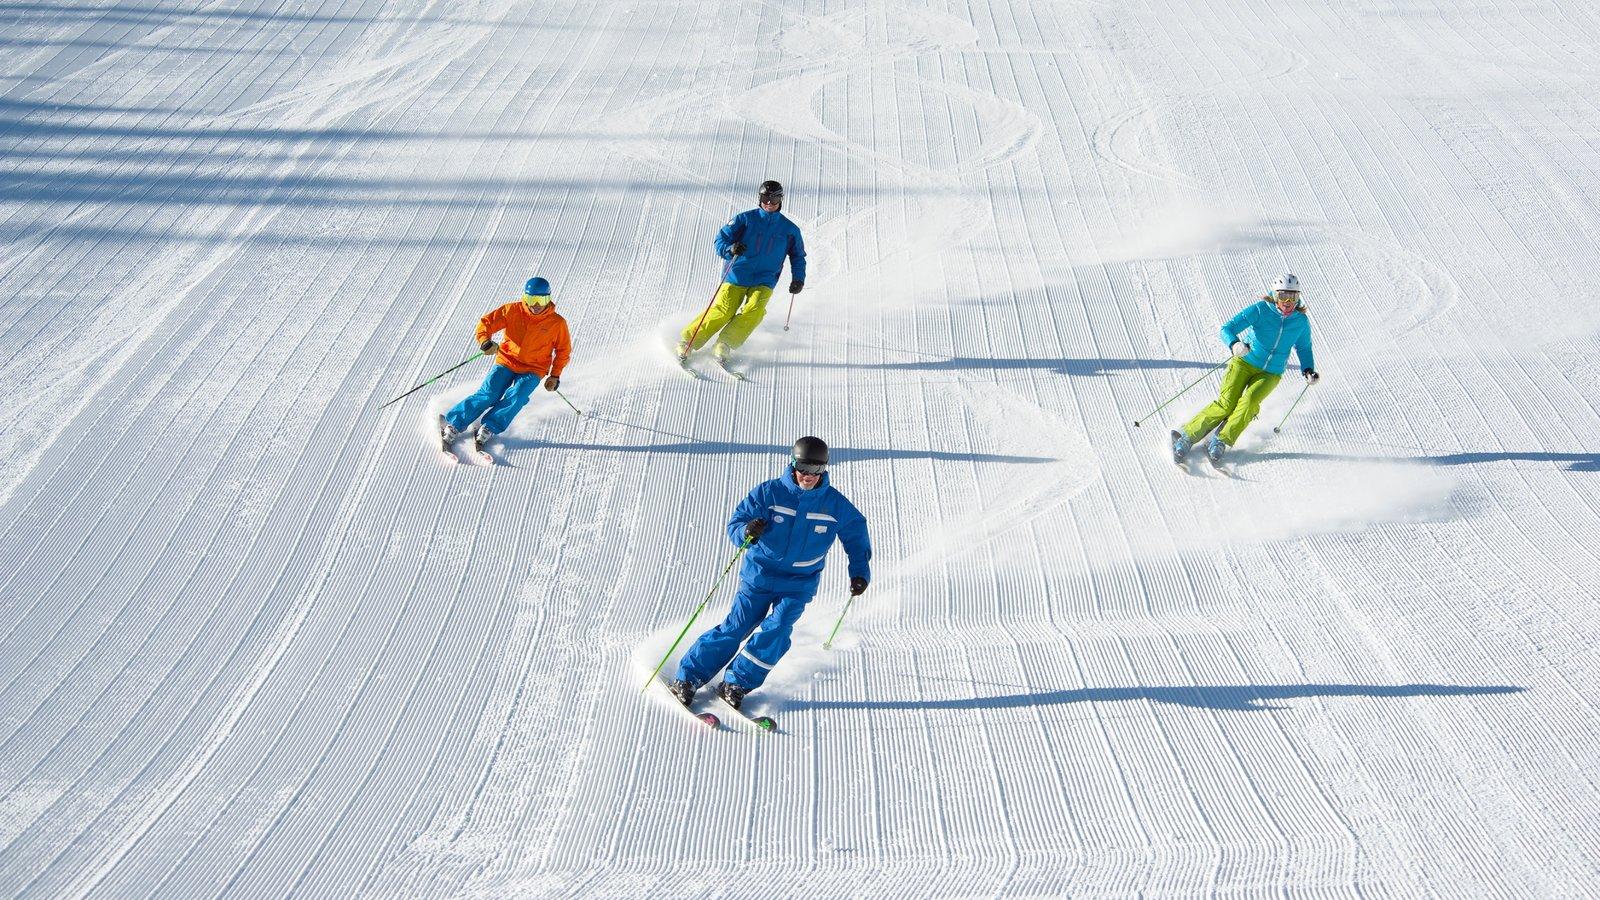 Vail - Beaver Creek que inclui neve e esqui na neve assim como um pequeno grupo de pessoas